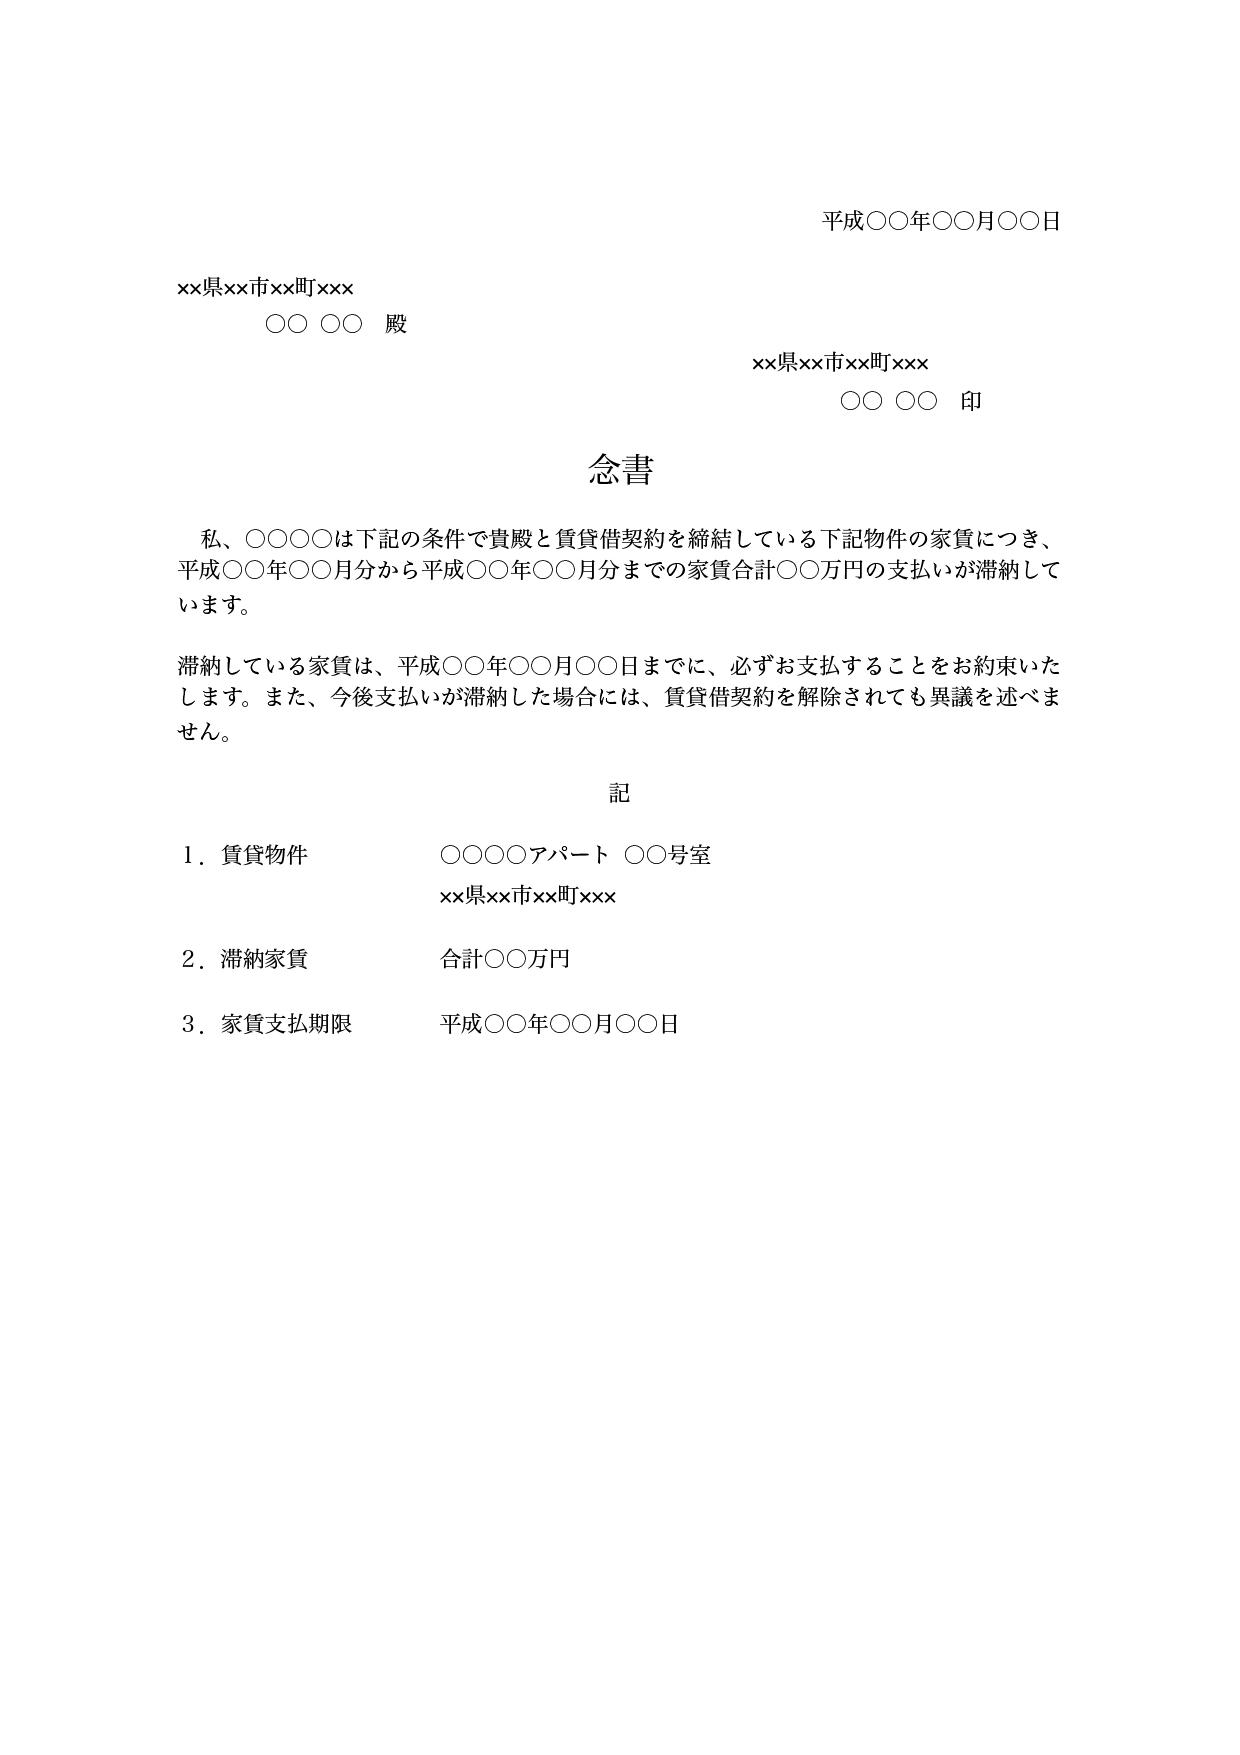 念書 テンプレート(ワード・ページズ)